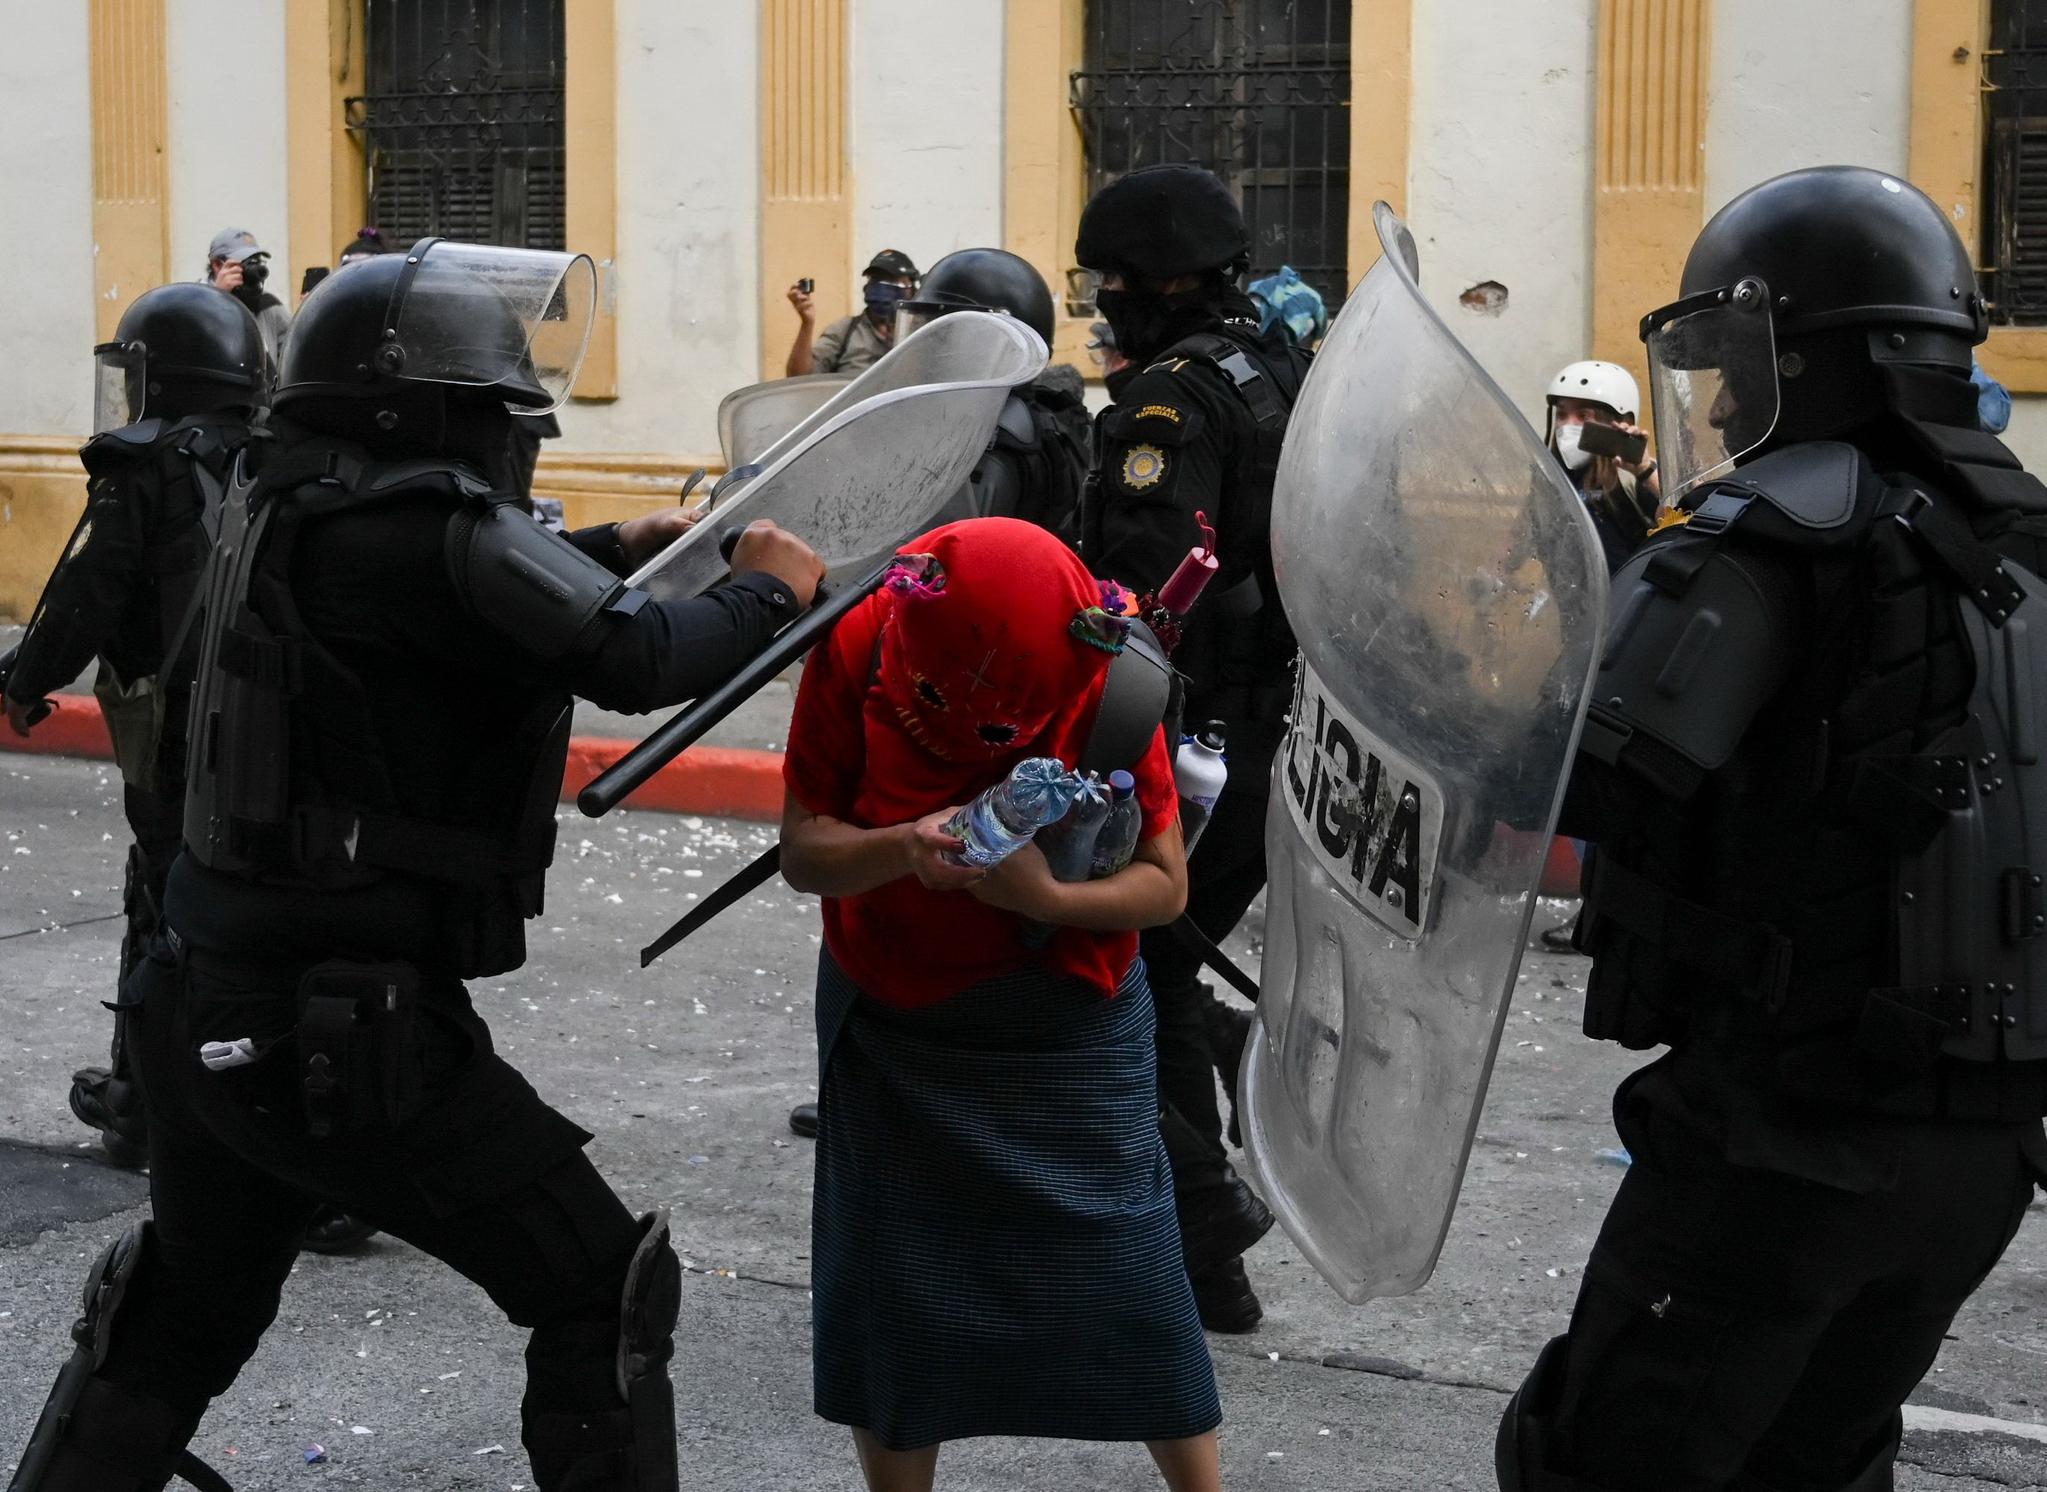 시위 진압 경찰이 시위대를 공격하고있다. AFP 통신